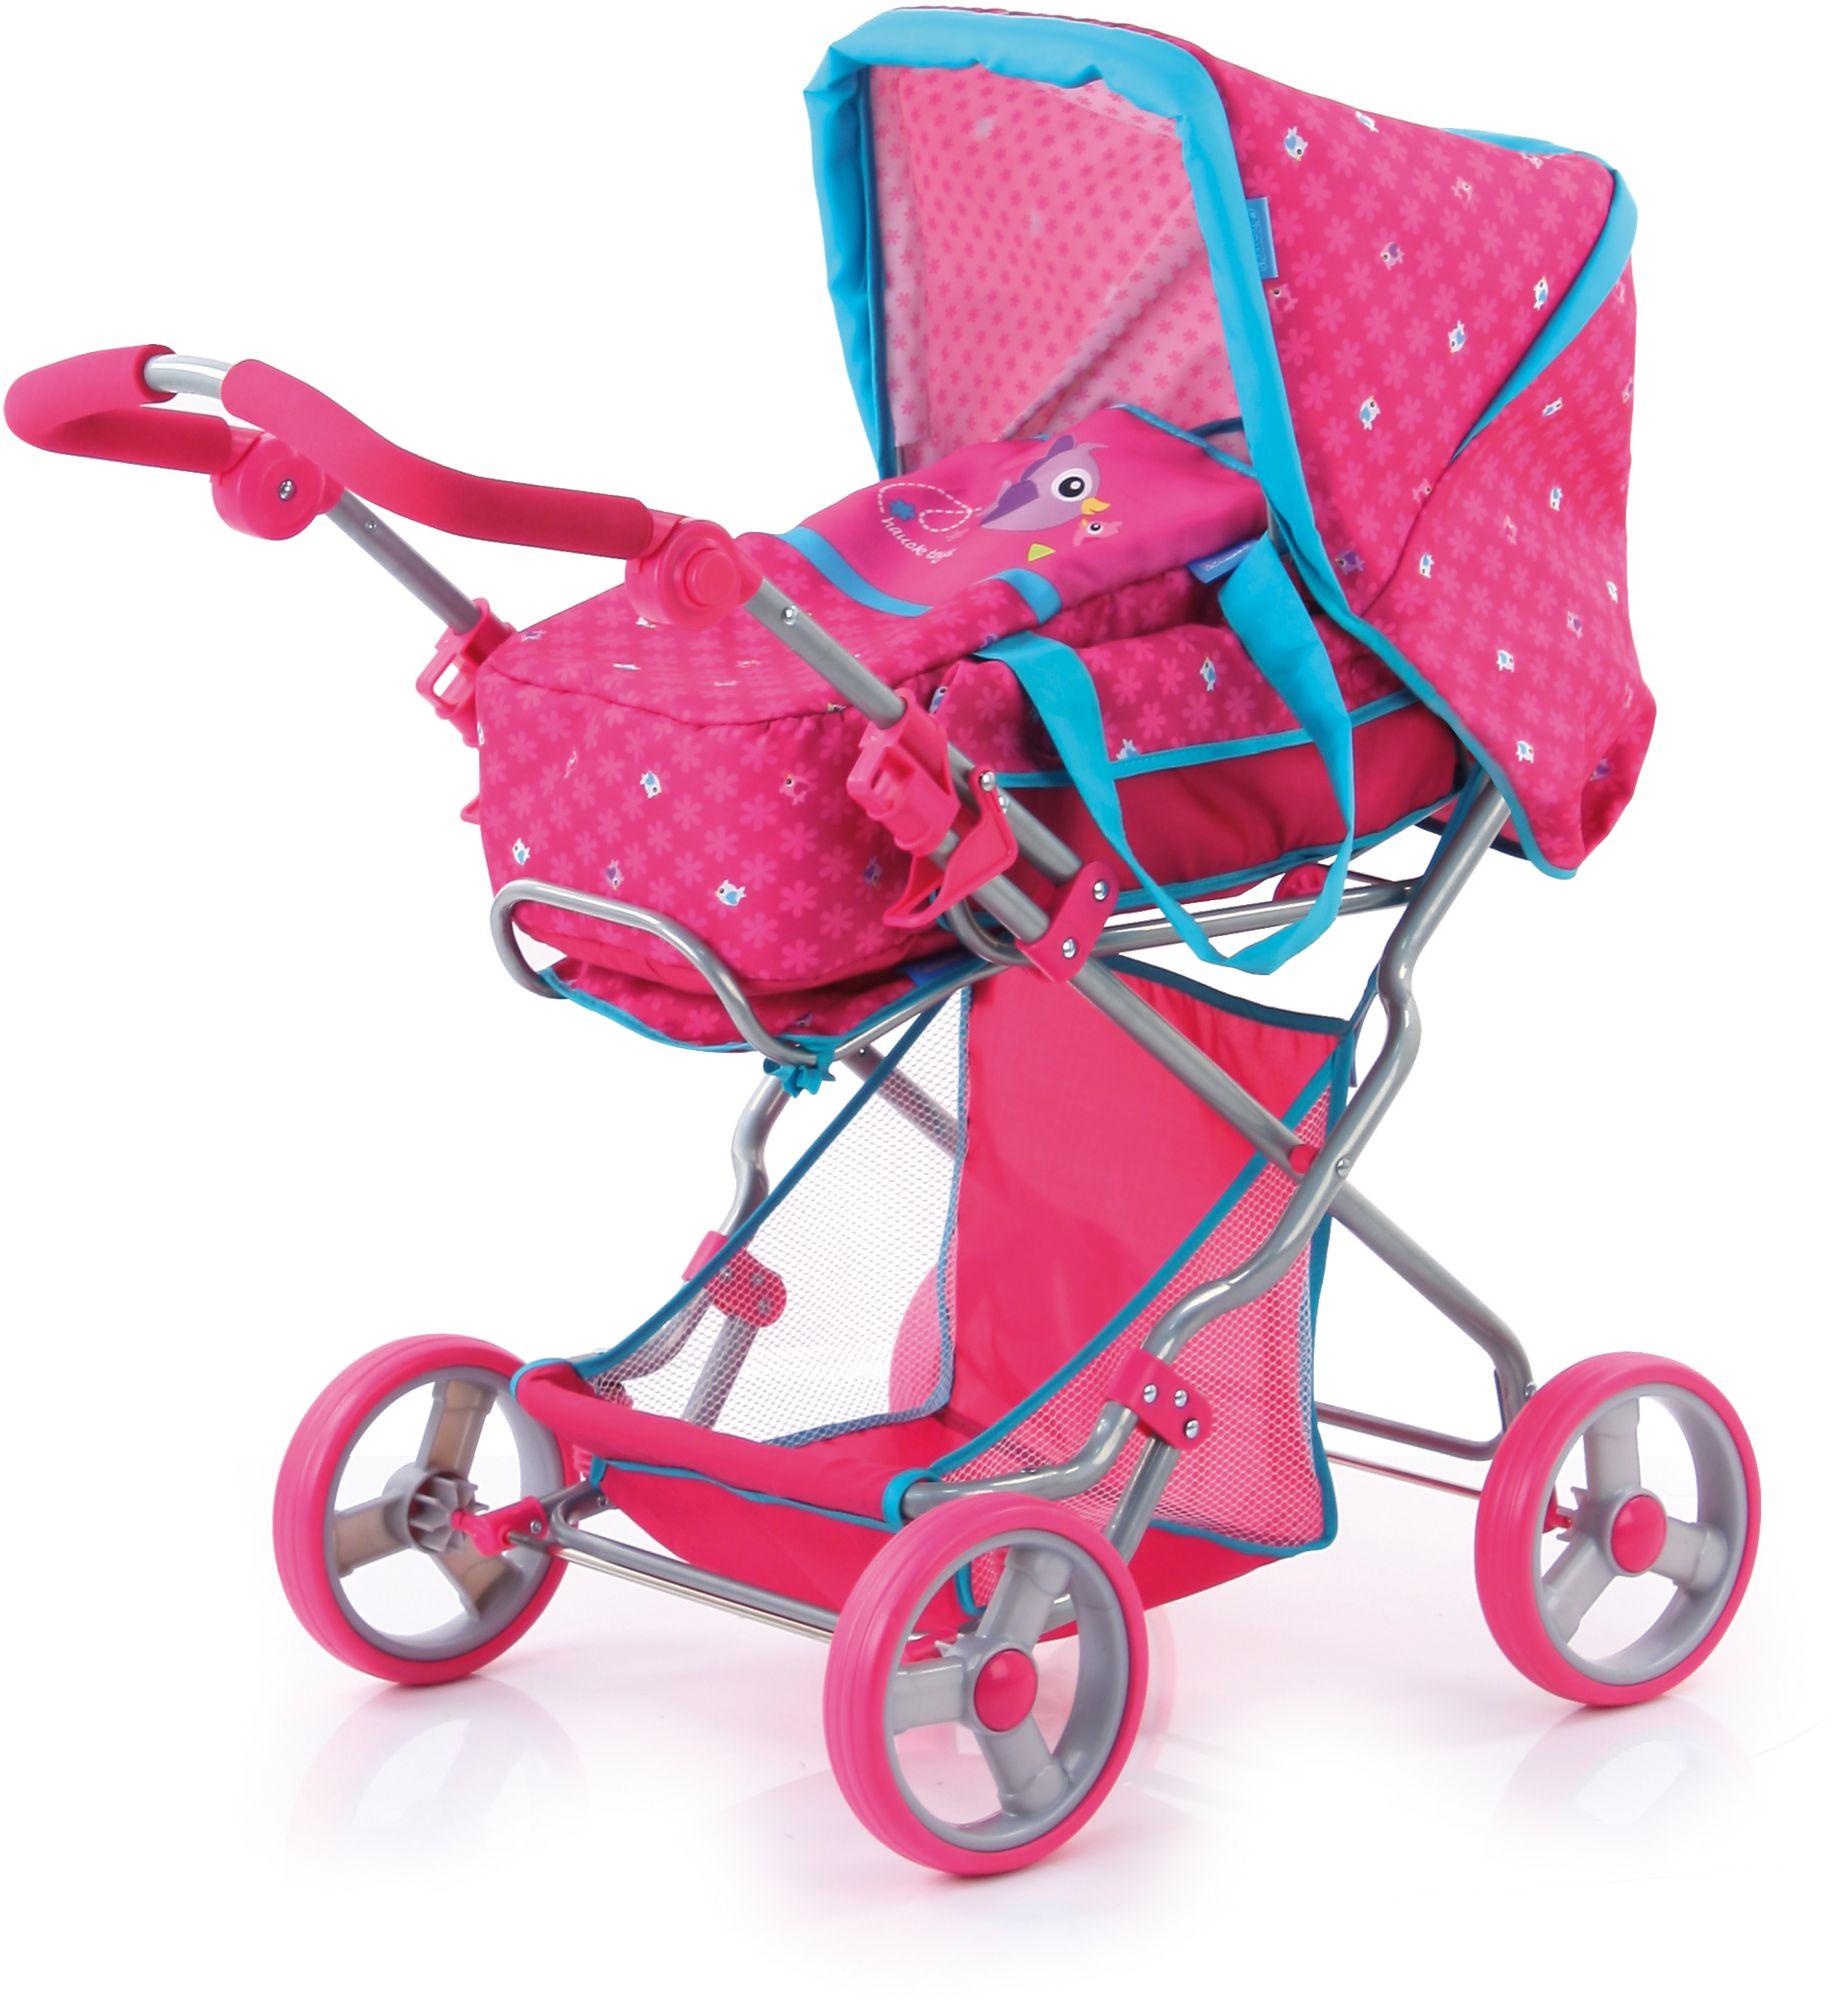 HAUCK TOYS FOR KIDS hauck TOYS FOR KIDS Puppenwagen, »Julia, Birdie Pink«